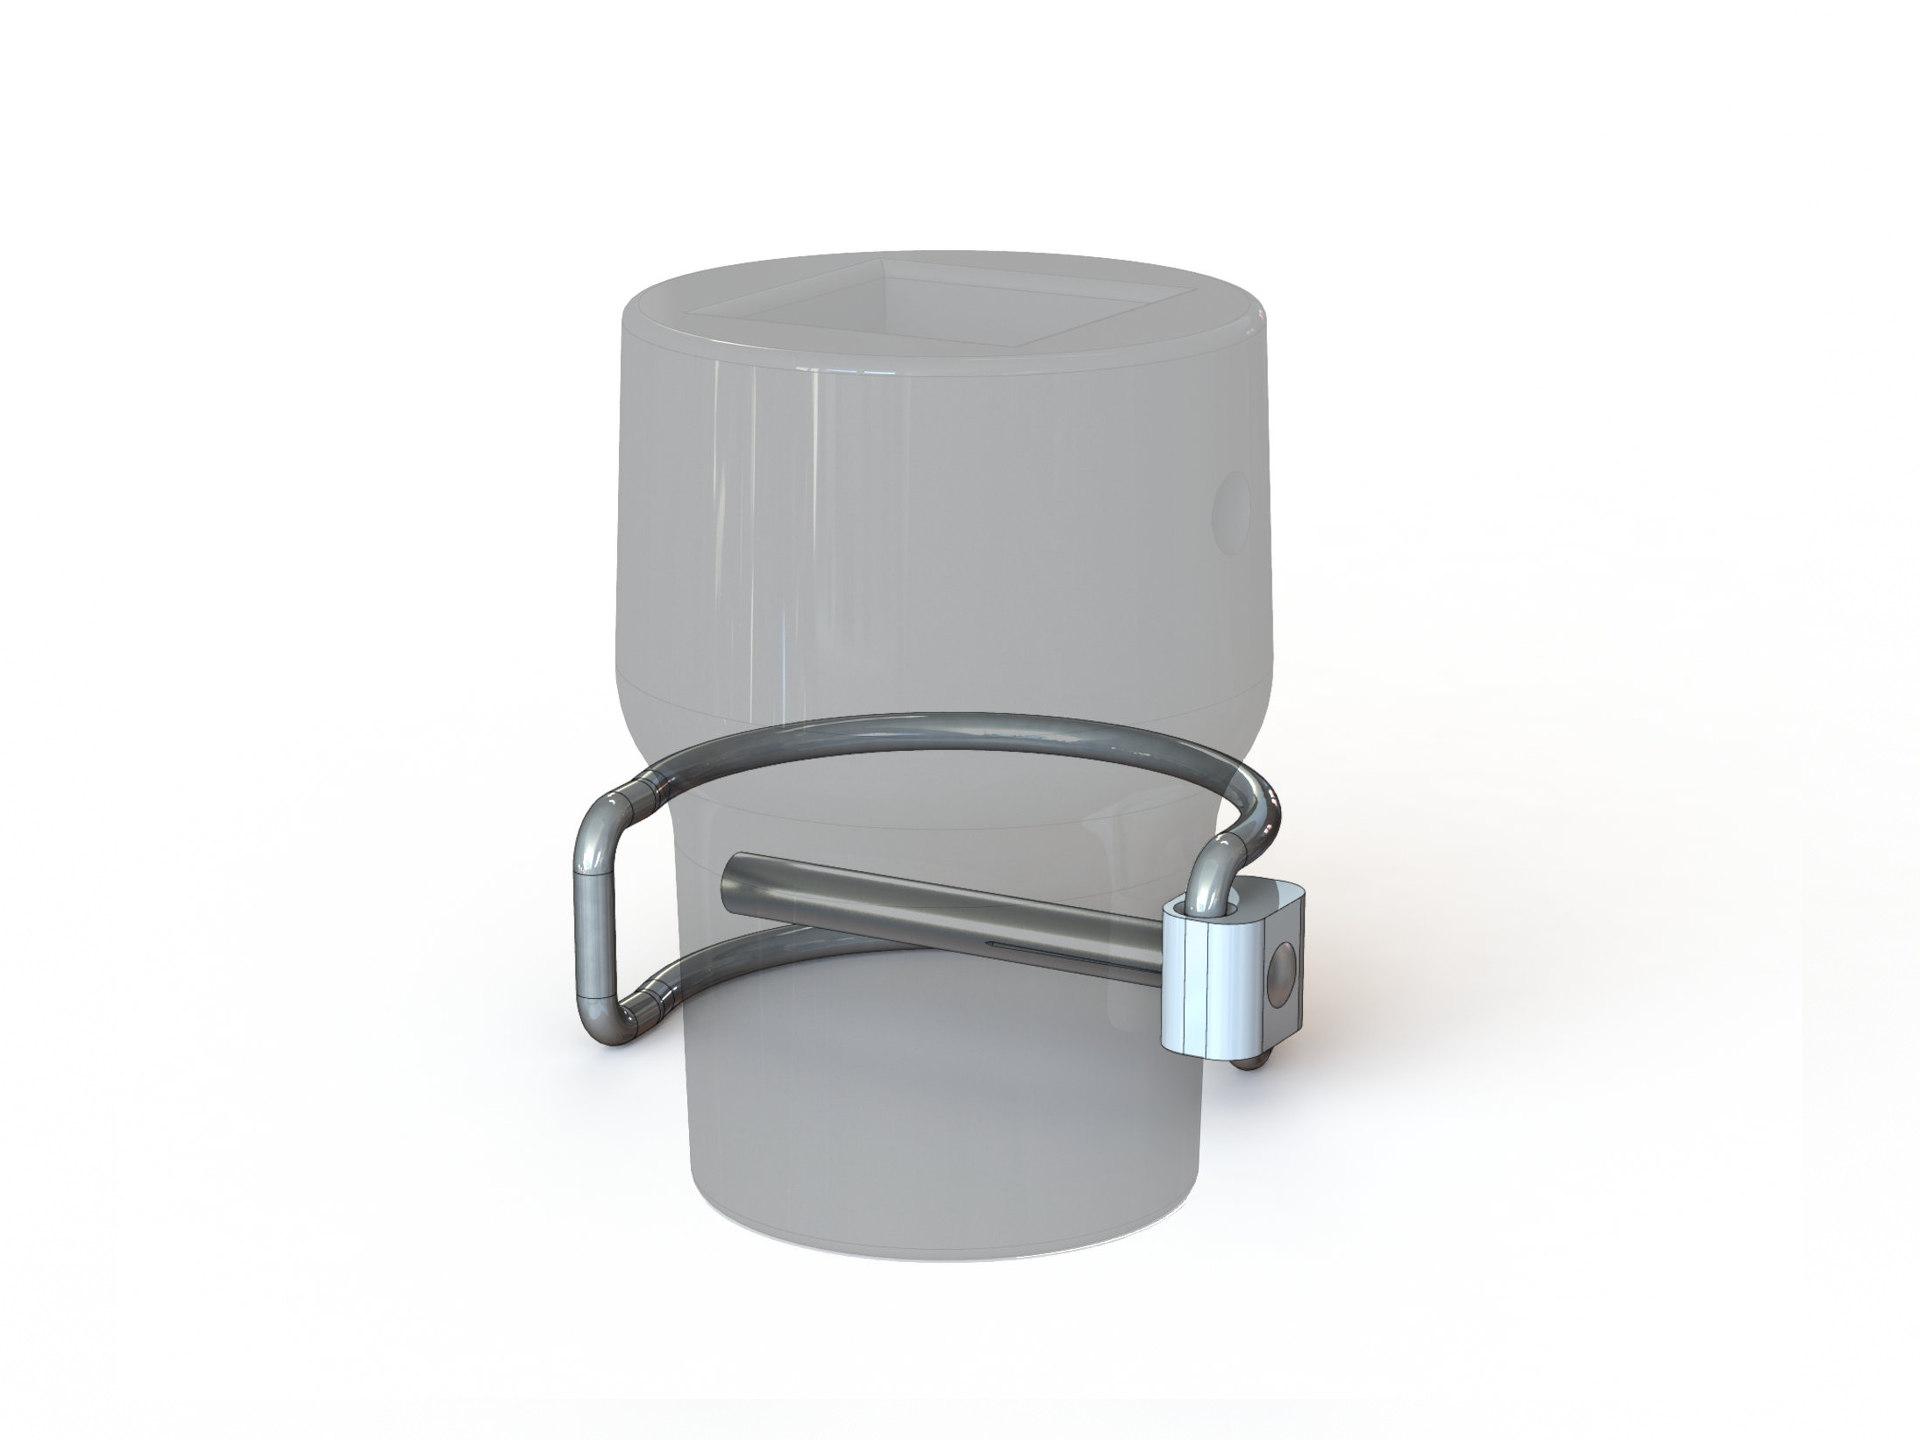 FKS-Spindelseitig-Hausanschluss-Hybrid-durchsichtig-klein.jpg